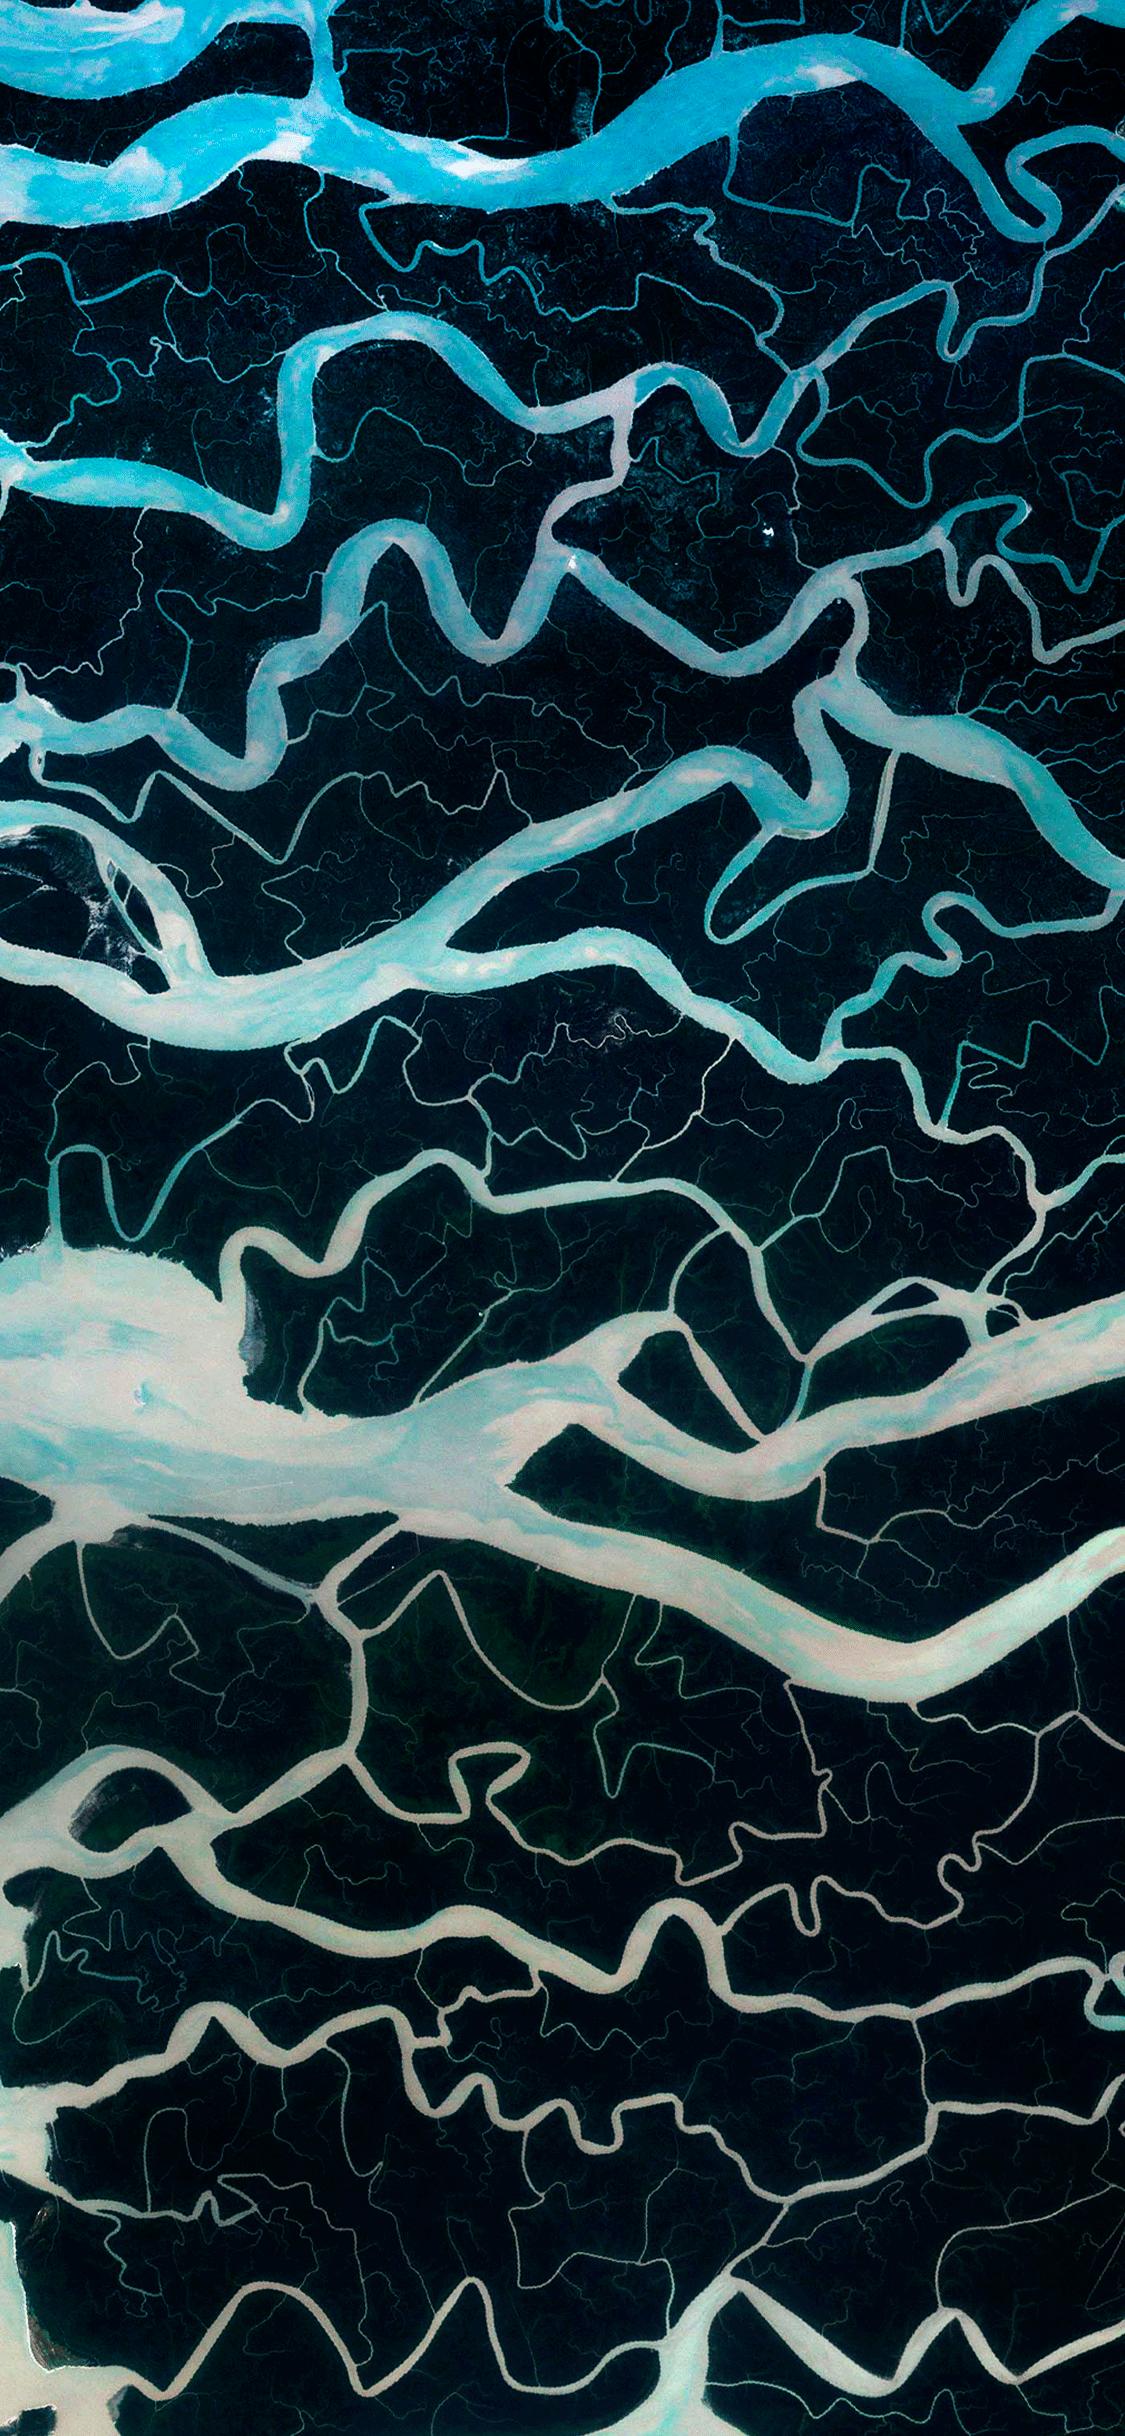 iPhone wallpaper photos satellites bangladesh Satellite images